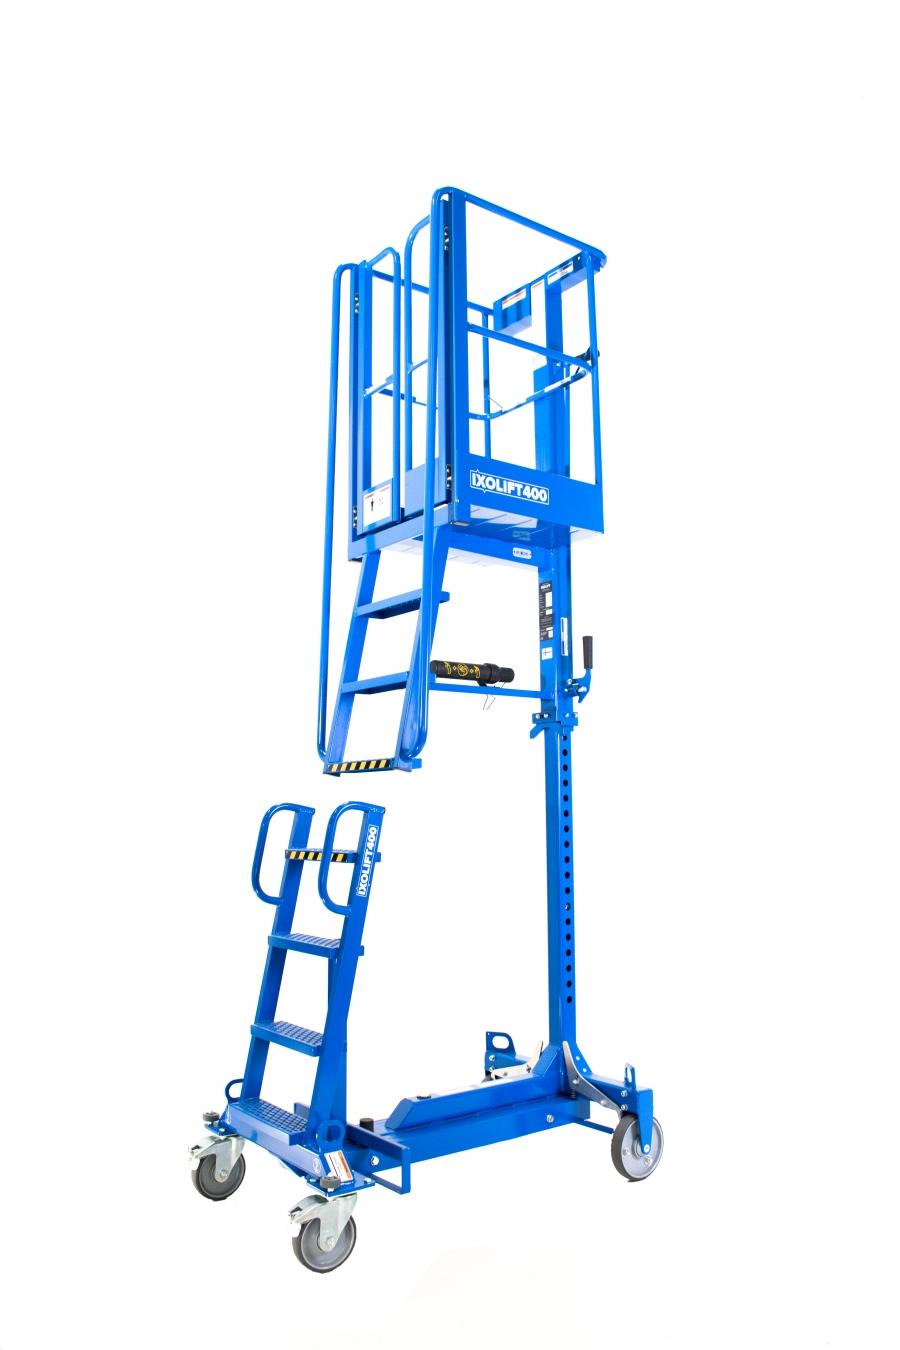 Ixolift 400 W 01